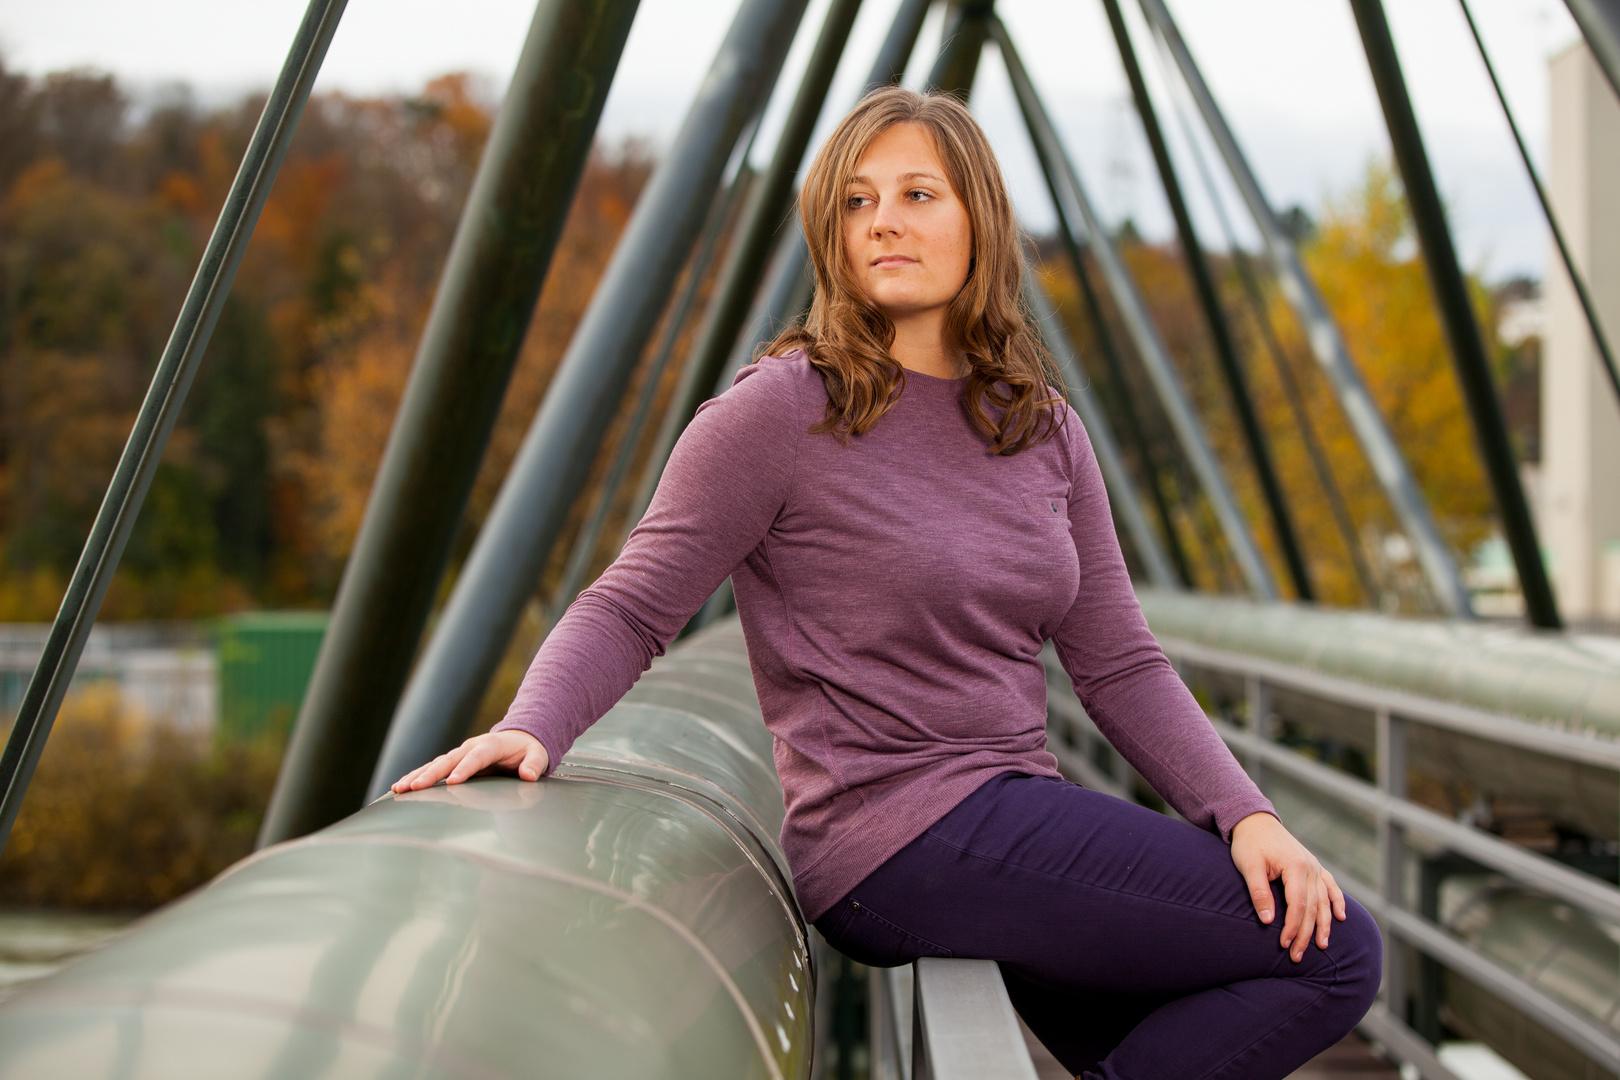 Marie auf der Brücke